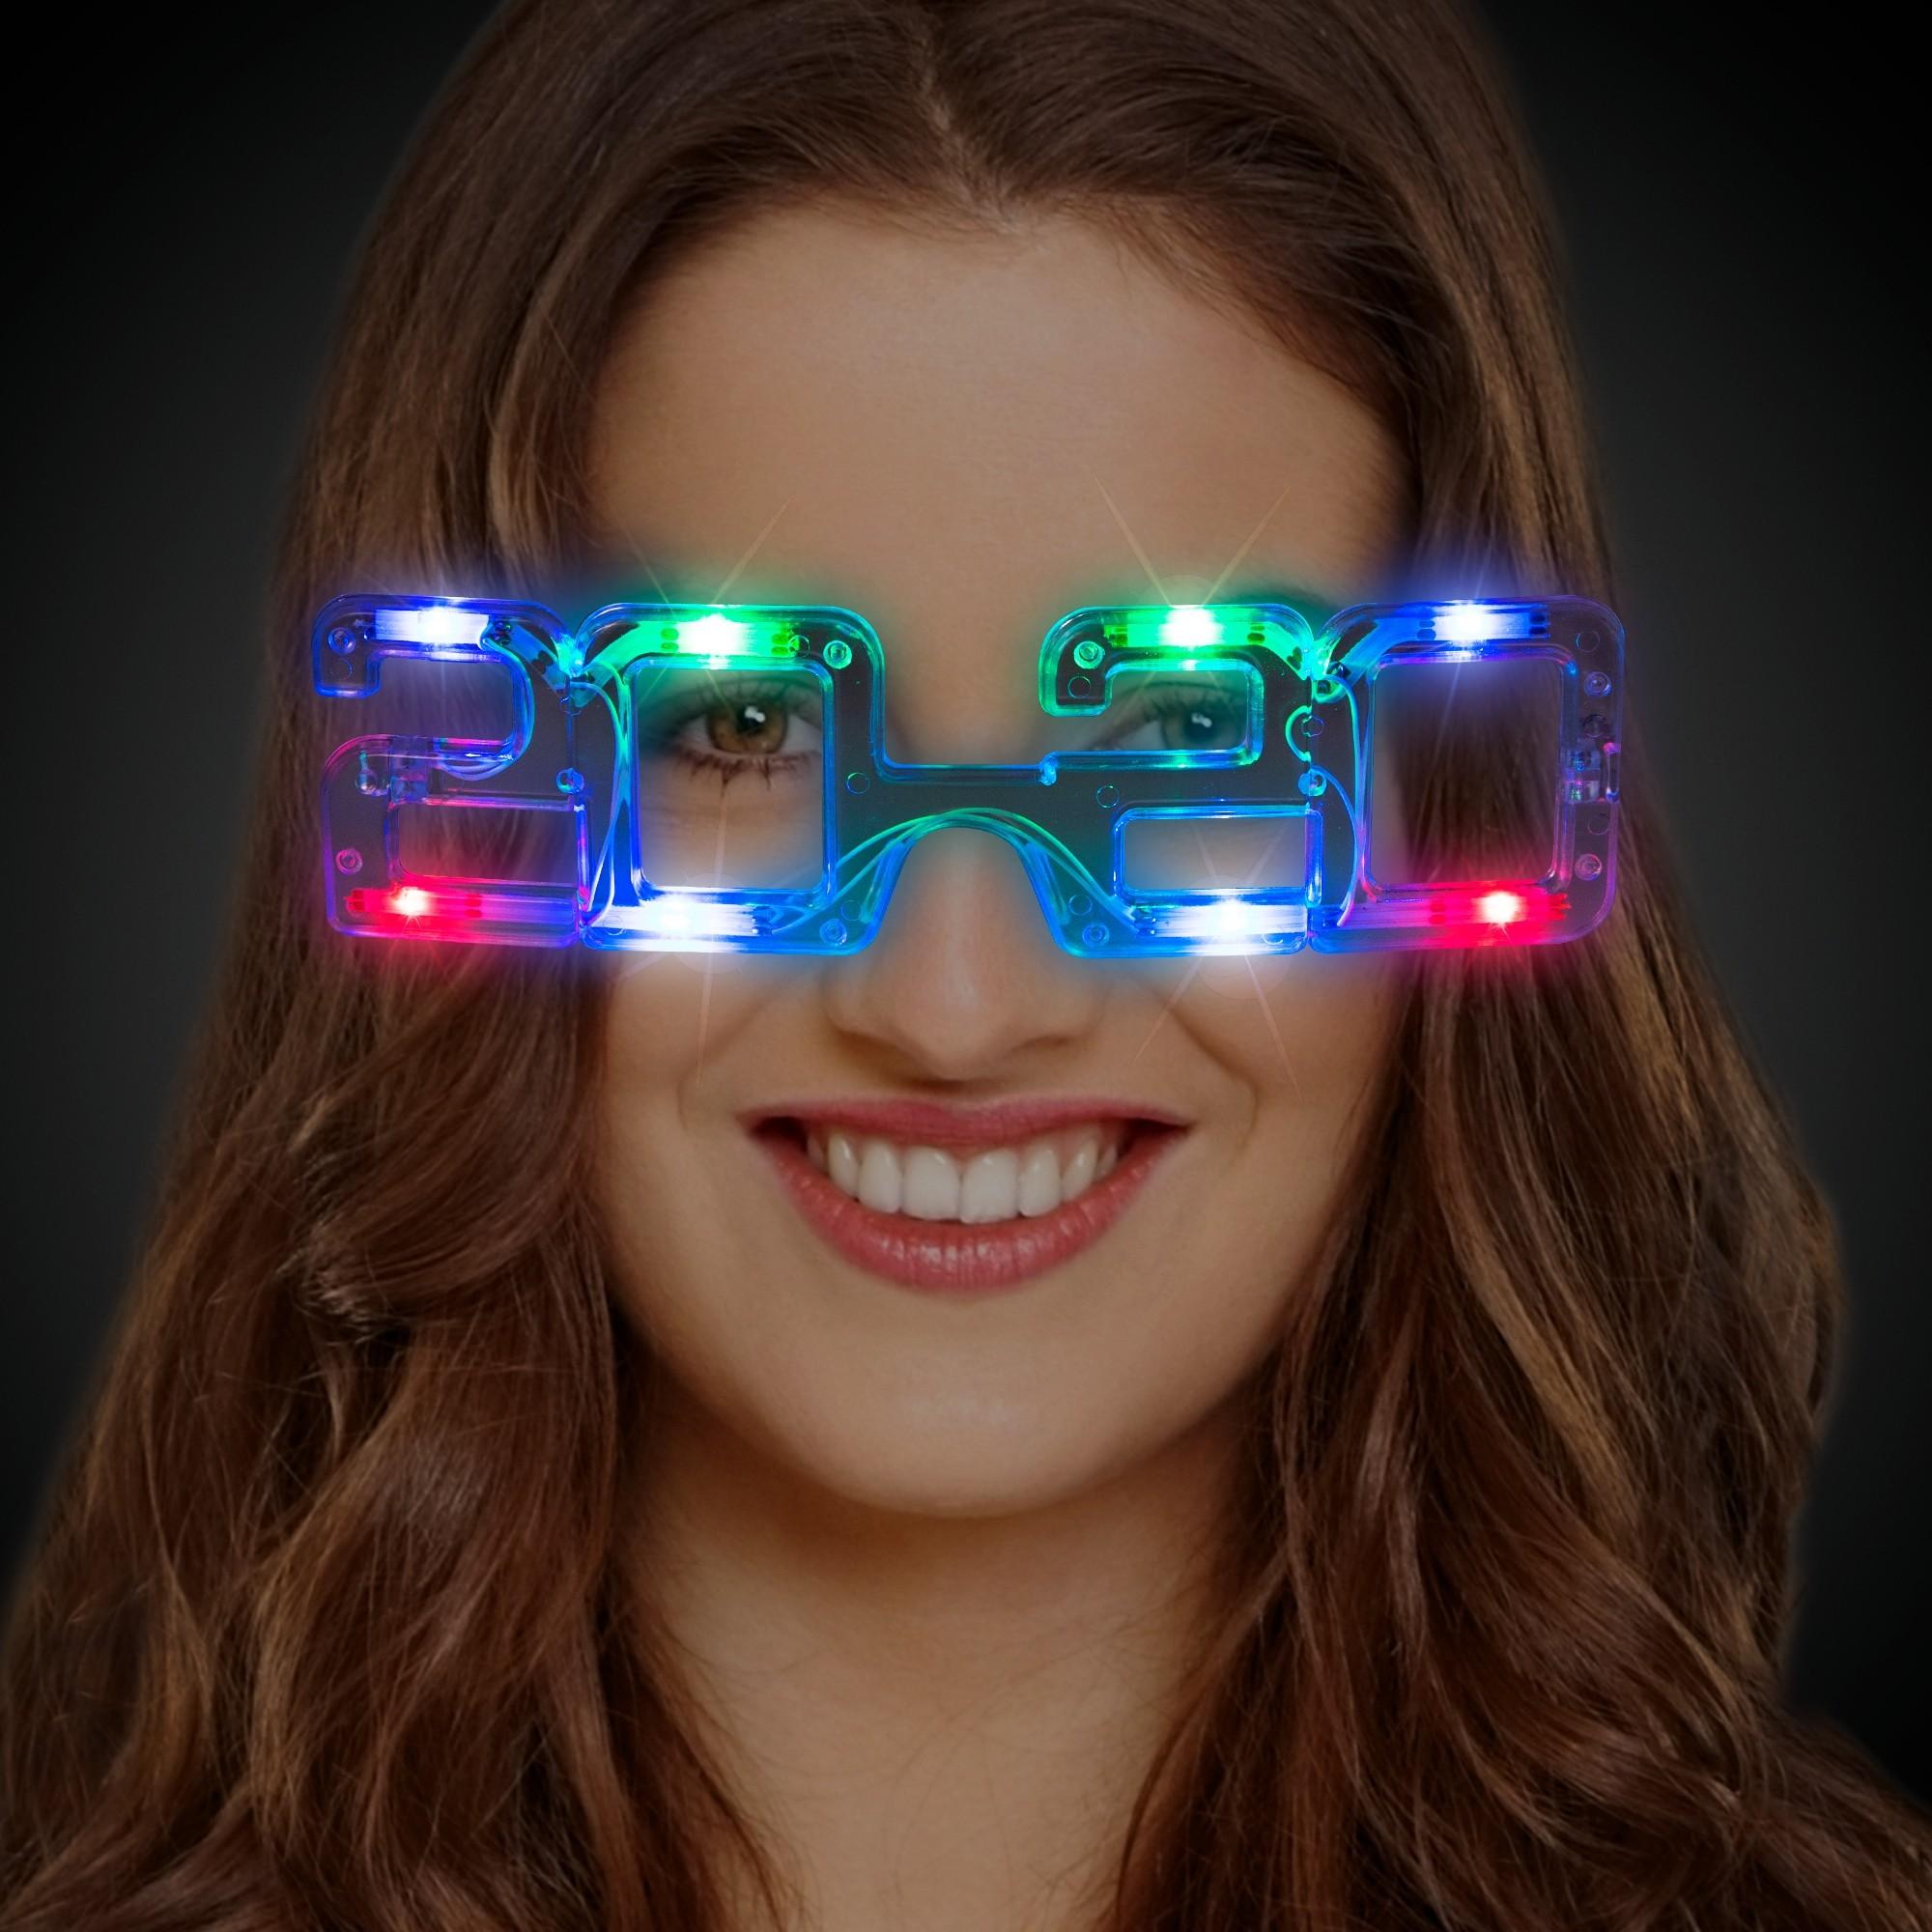 2021 LED EYEGLASSES - MULTI